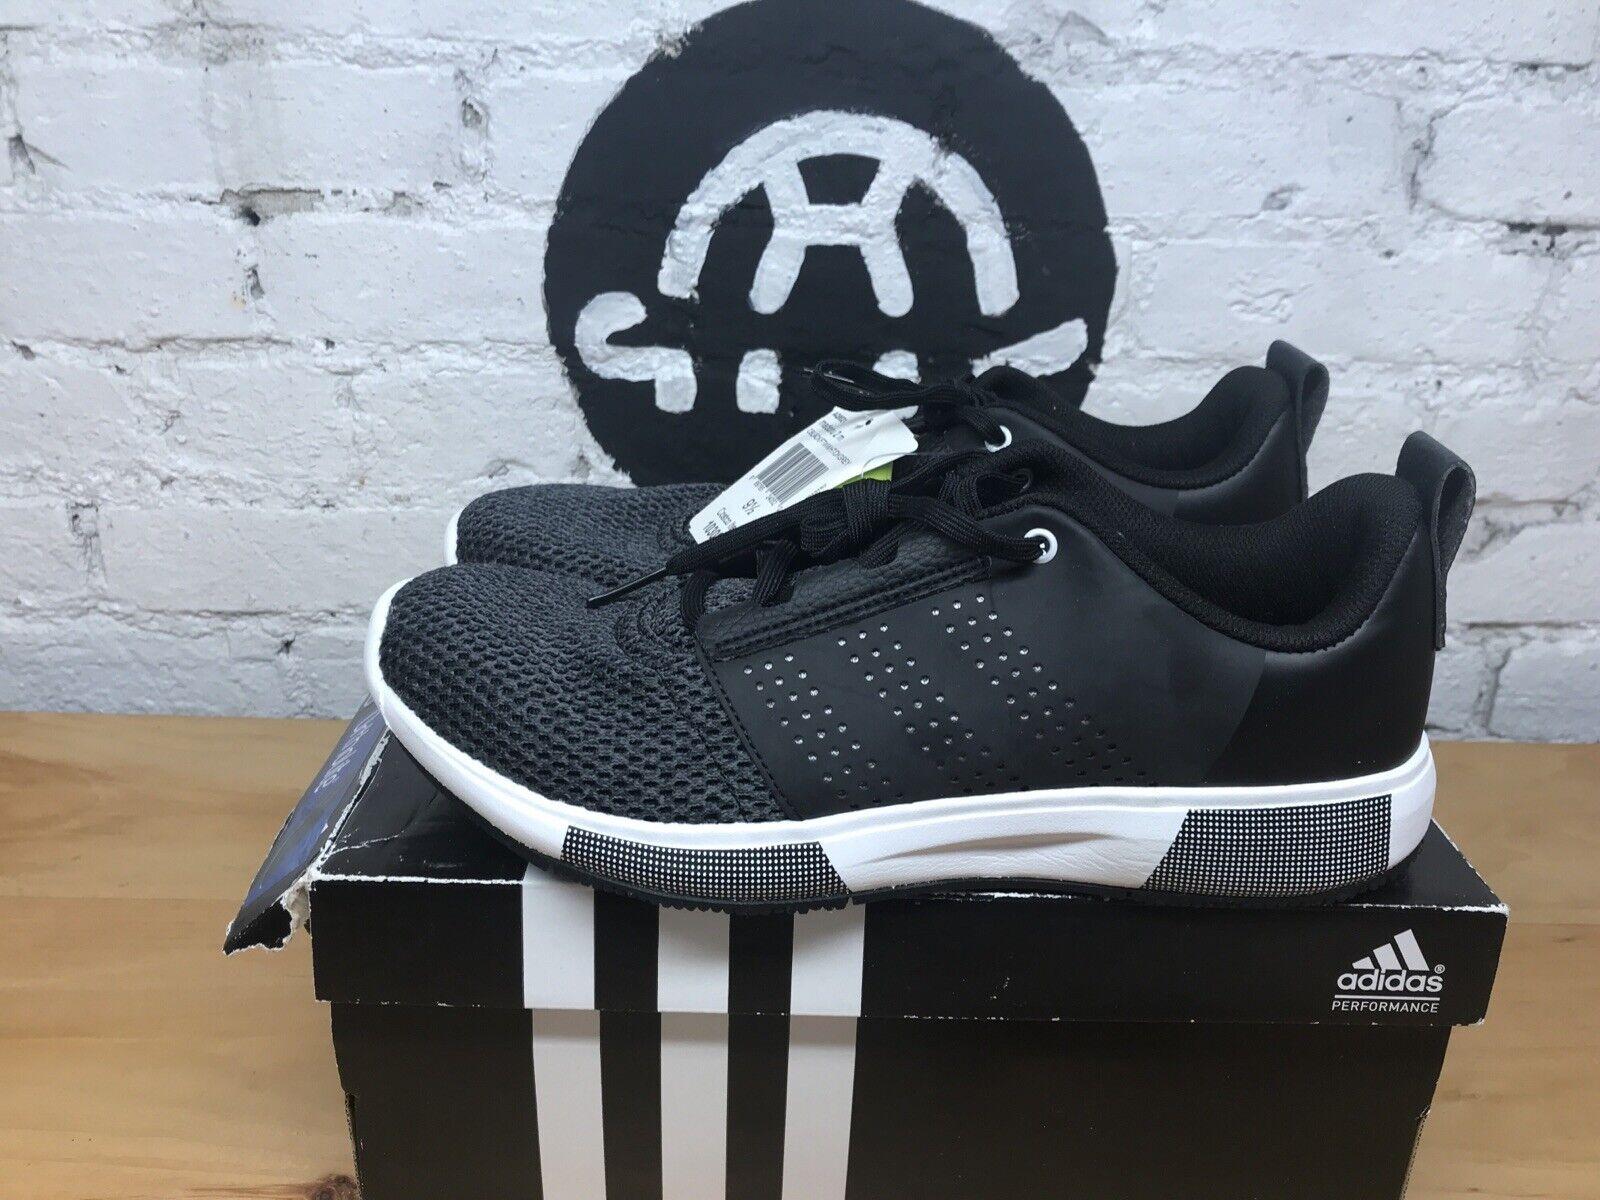 Running Shoe Cloudfoam Mens Size 9.5